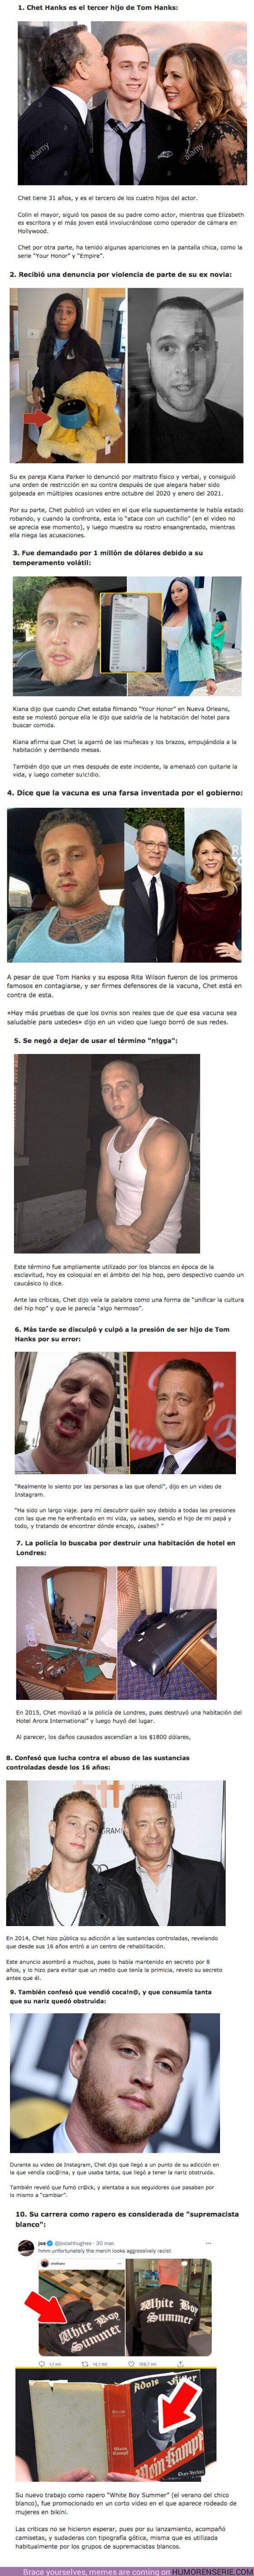 80694 - GALERÍA: 10 Curiosidades sobre el hijo problemático de Tom Hanks